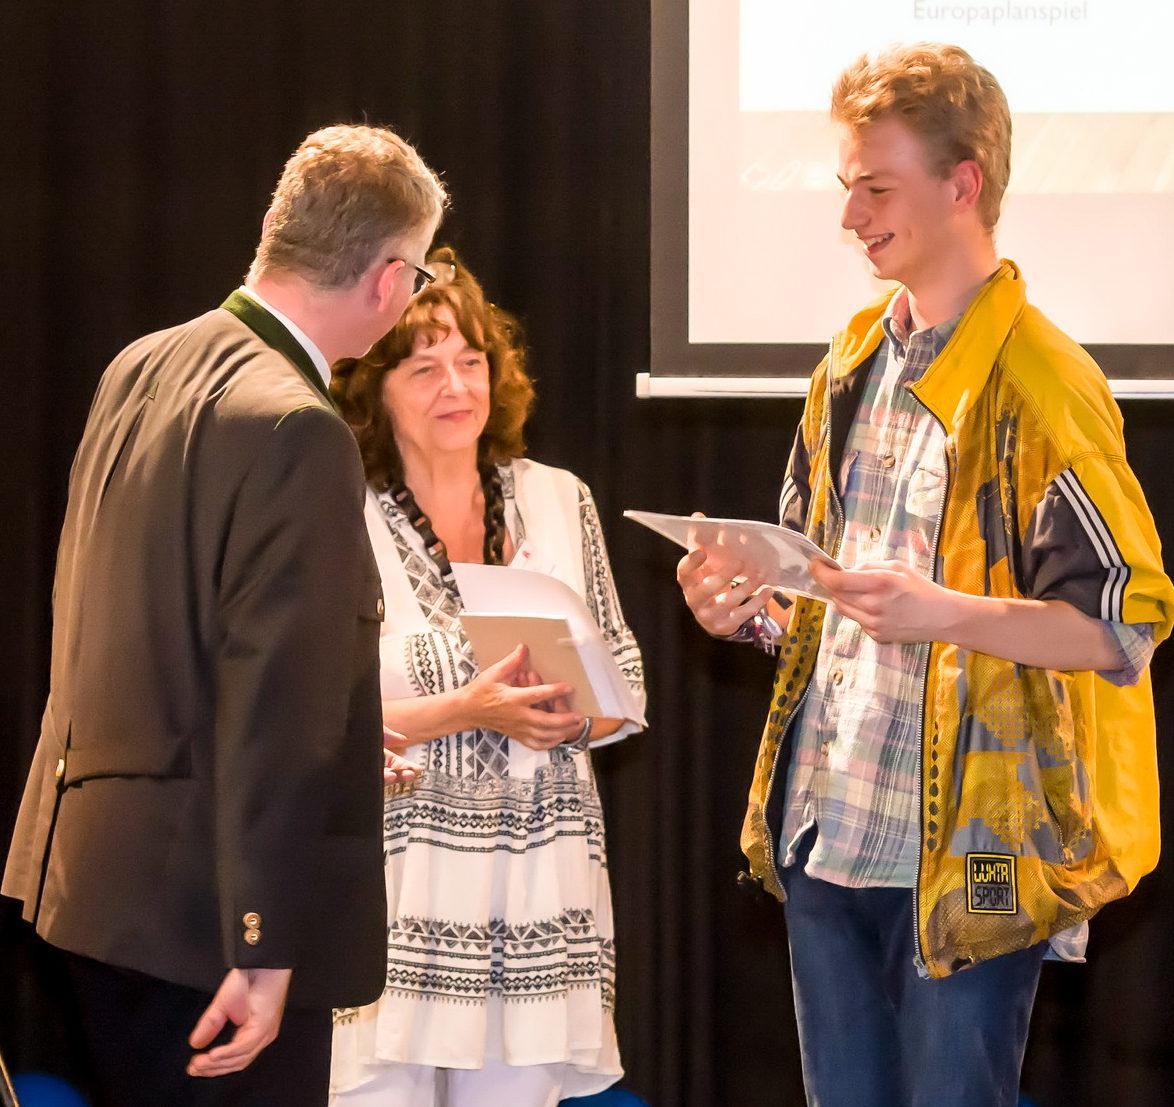 66. Europäischer Wettbewerb – Oberstufengruppe gewinnt Bundespreis